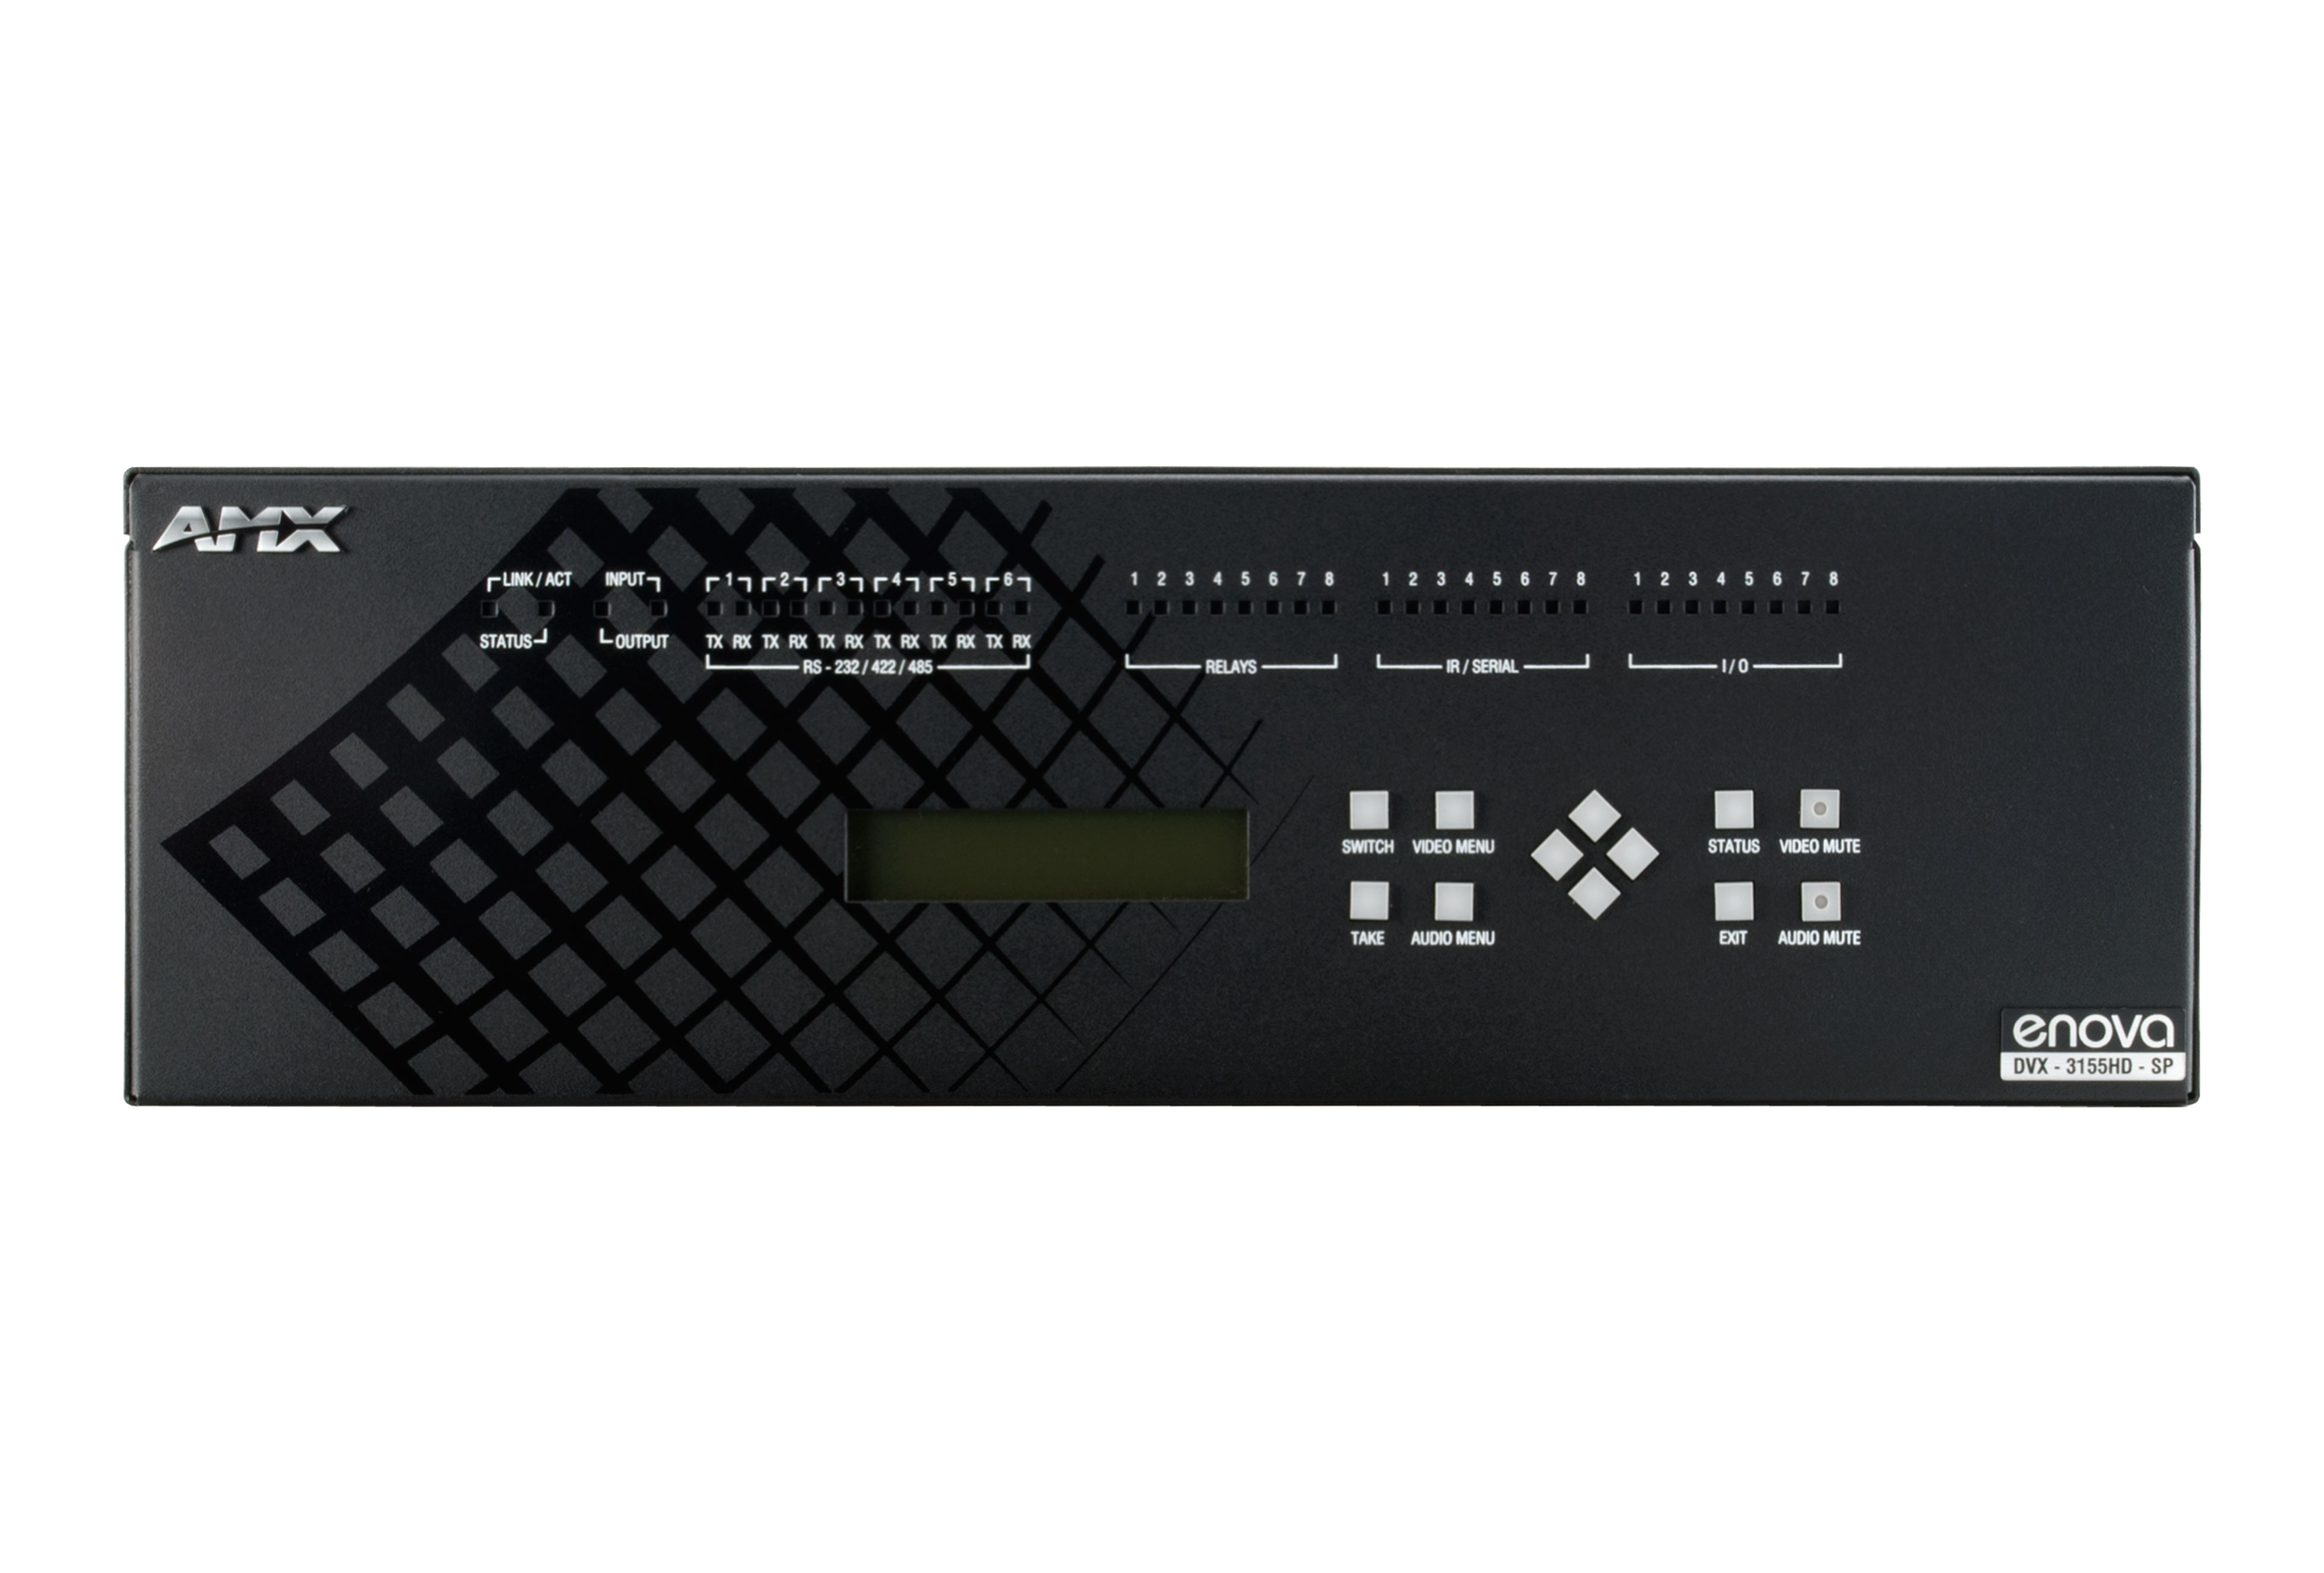 DVX-3155HD-SP - Front